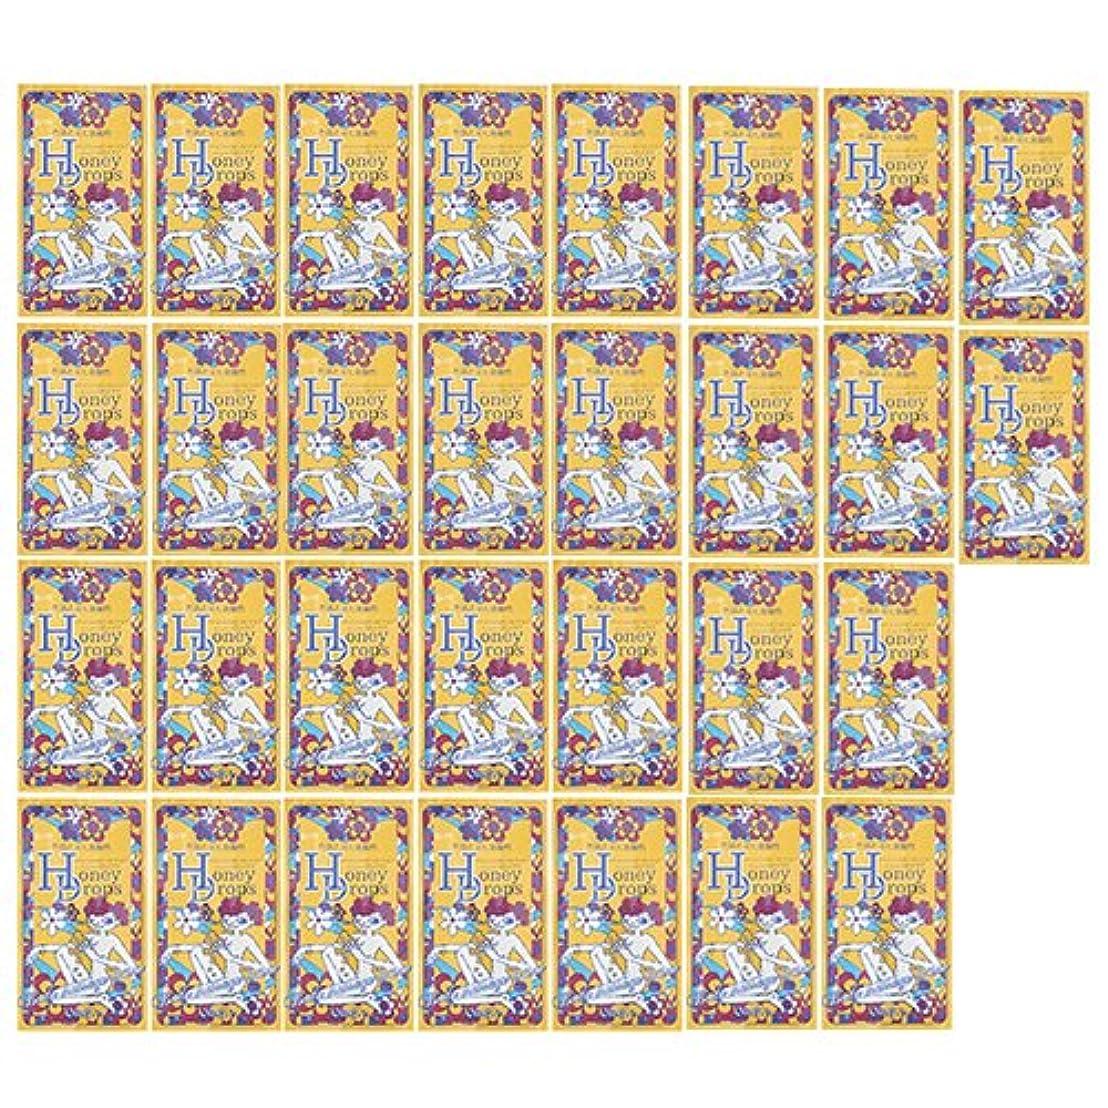 結晶制限されたパズルハニードロップス(Honey Drops) 20ml スタンダードタイプ × 30個入